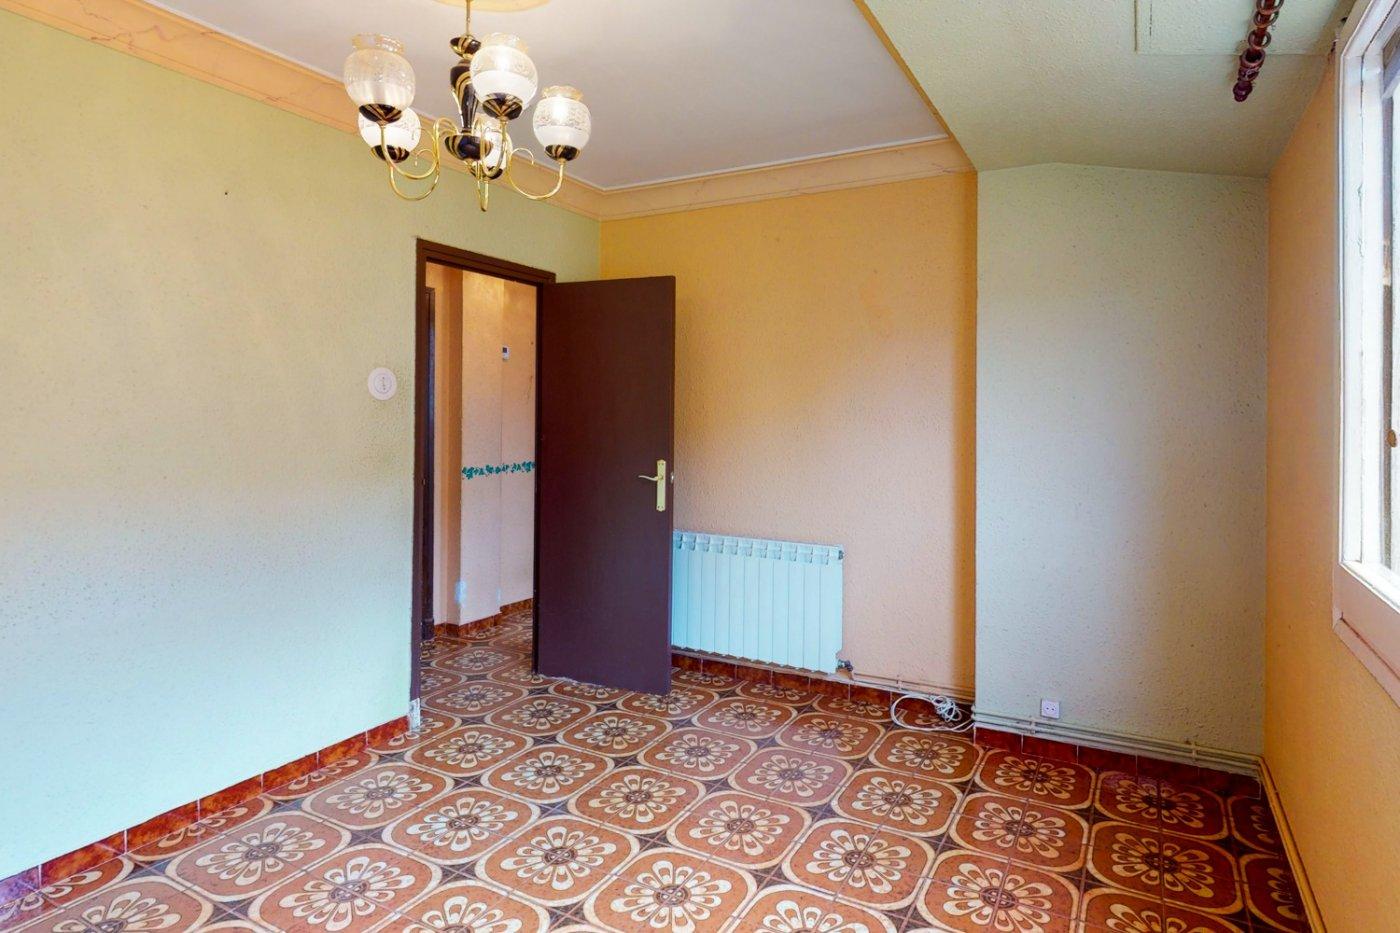 Piso a la venta en c/ lugo, exterior, de tres dormitorios, salon, cocina y baÑo. - imagenInmueble7